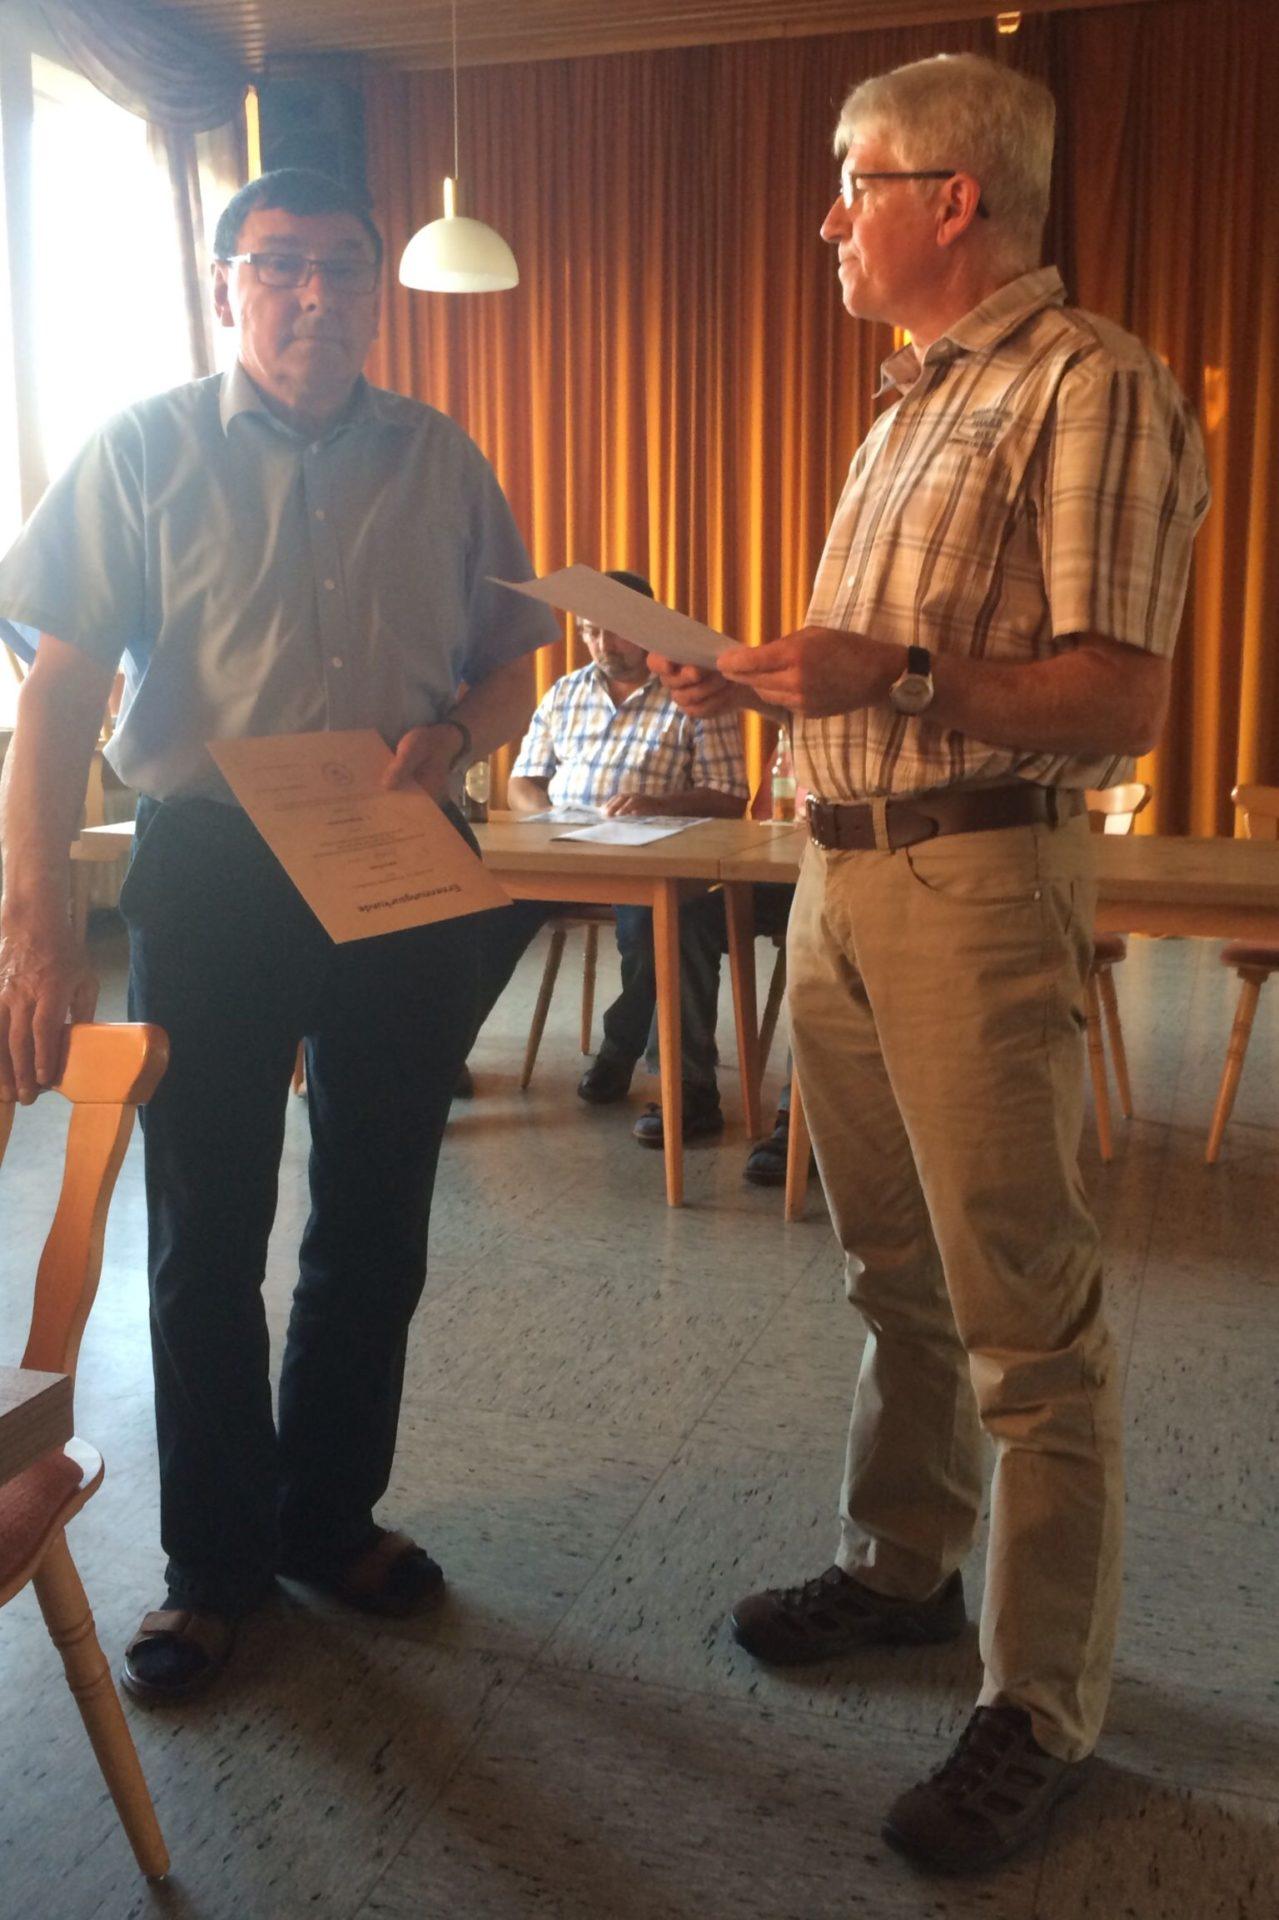 Rudi Weber wird von Ortsbürgermeister Adolf Schuch zum 1. Beigeordneten ernannt (v.l. Adolf Schuch und Rudi Weber)